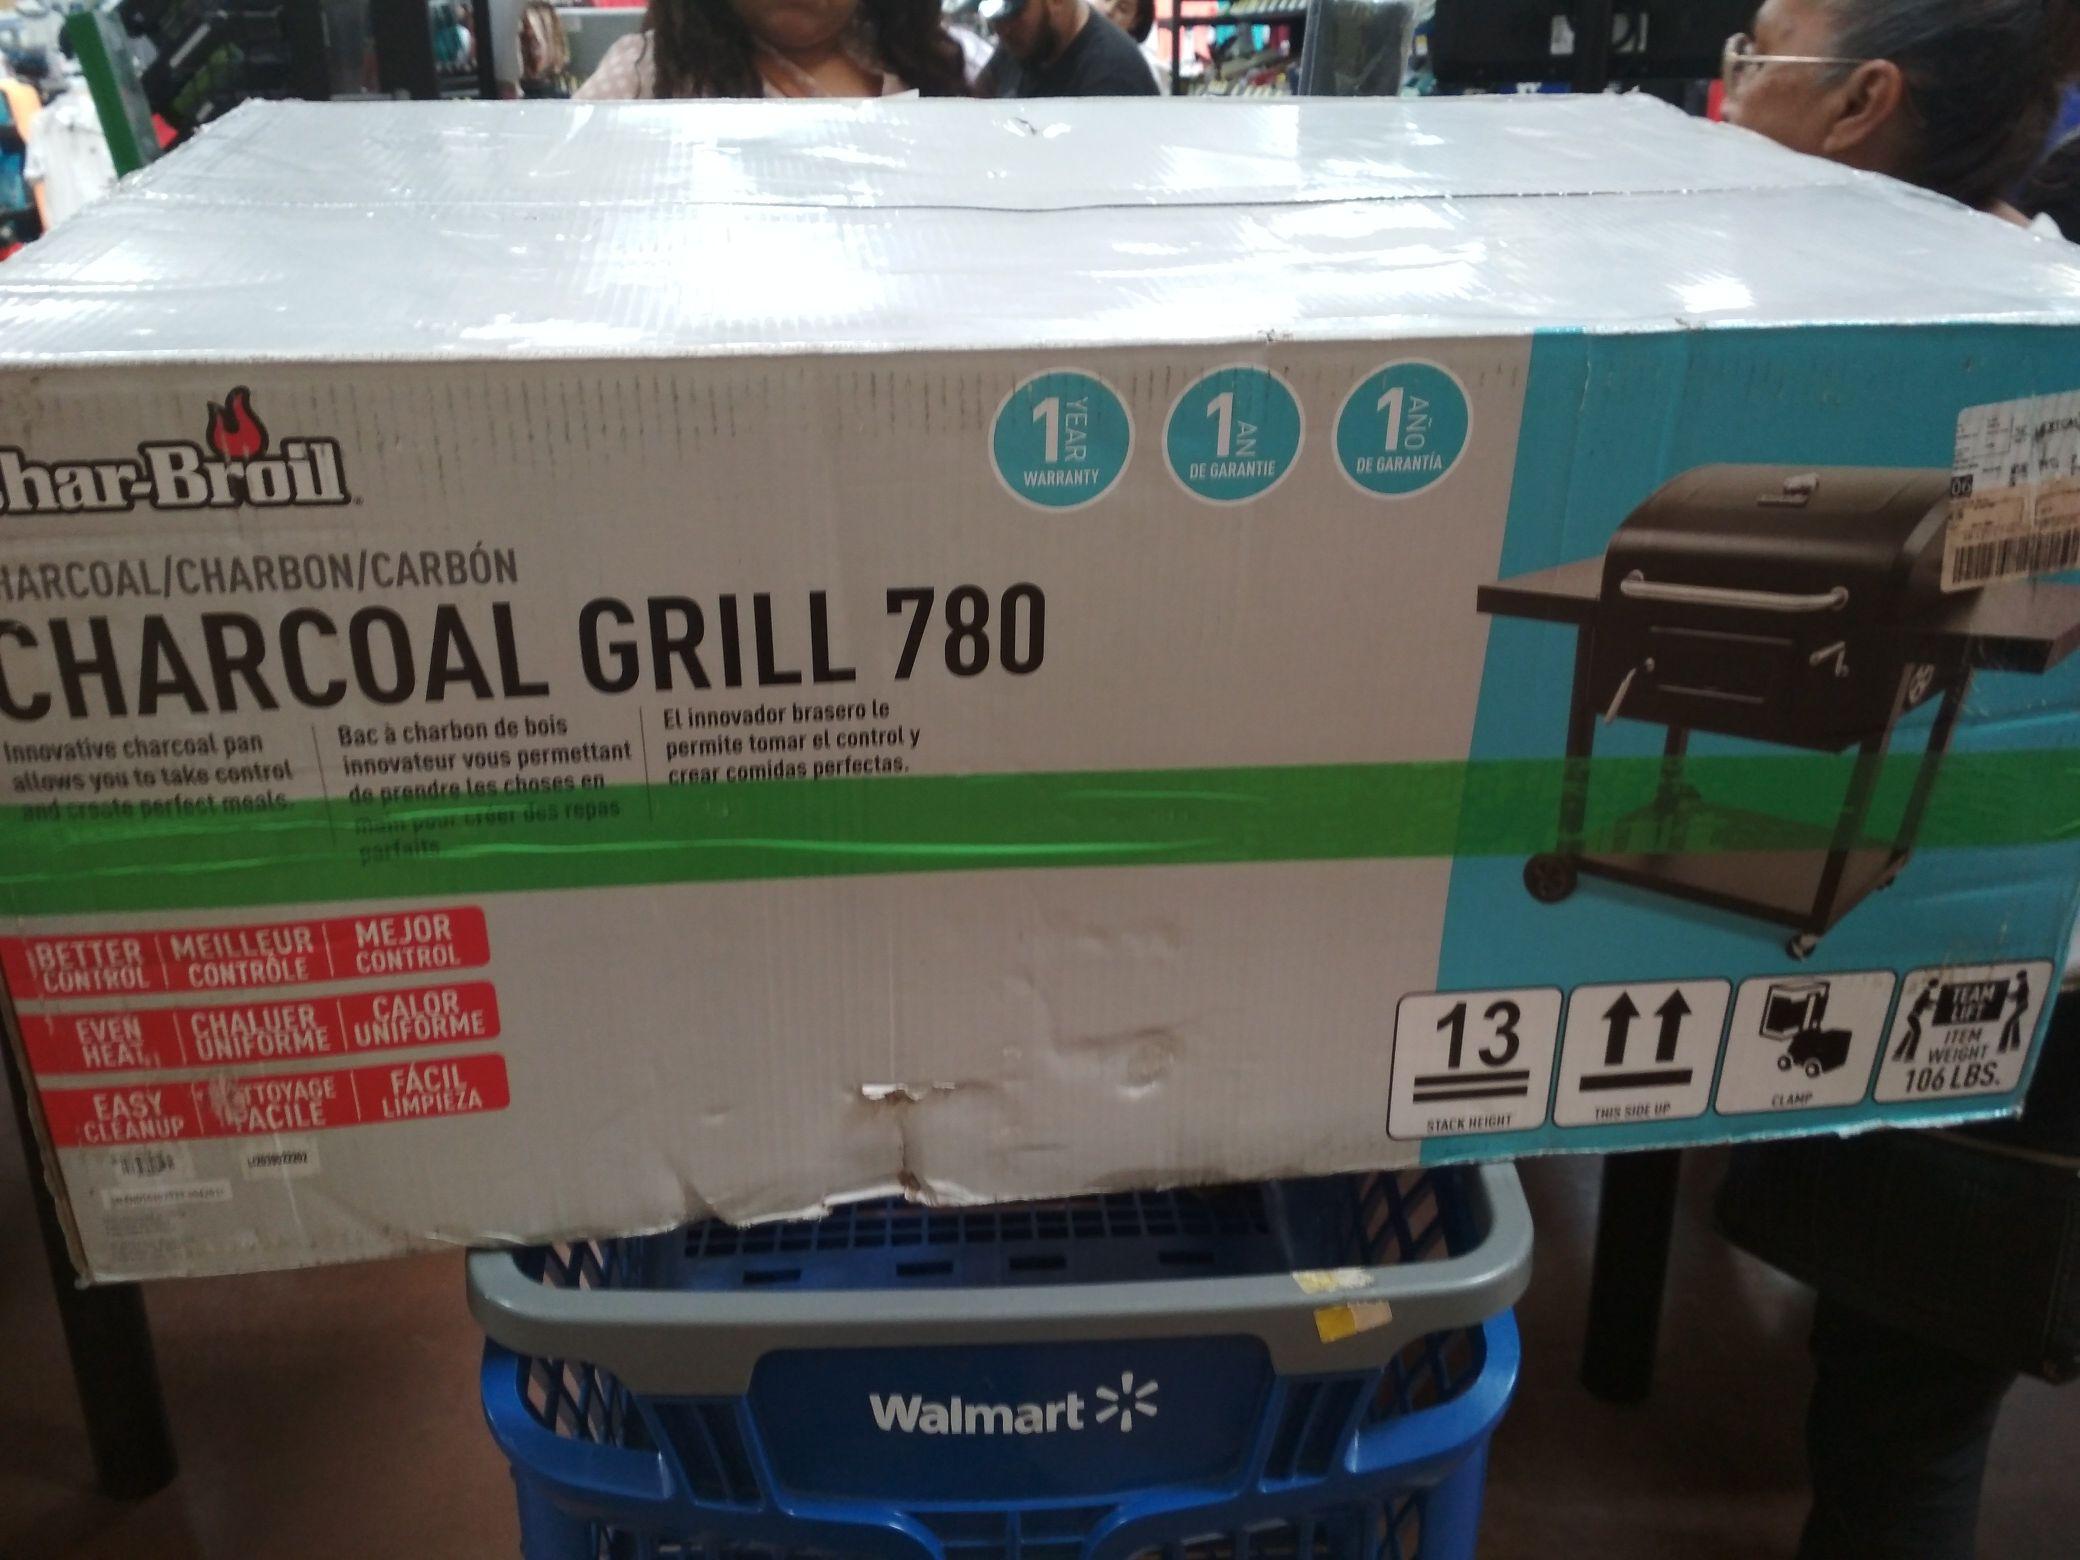 Walmart novena: asador Charcoal grill 780